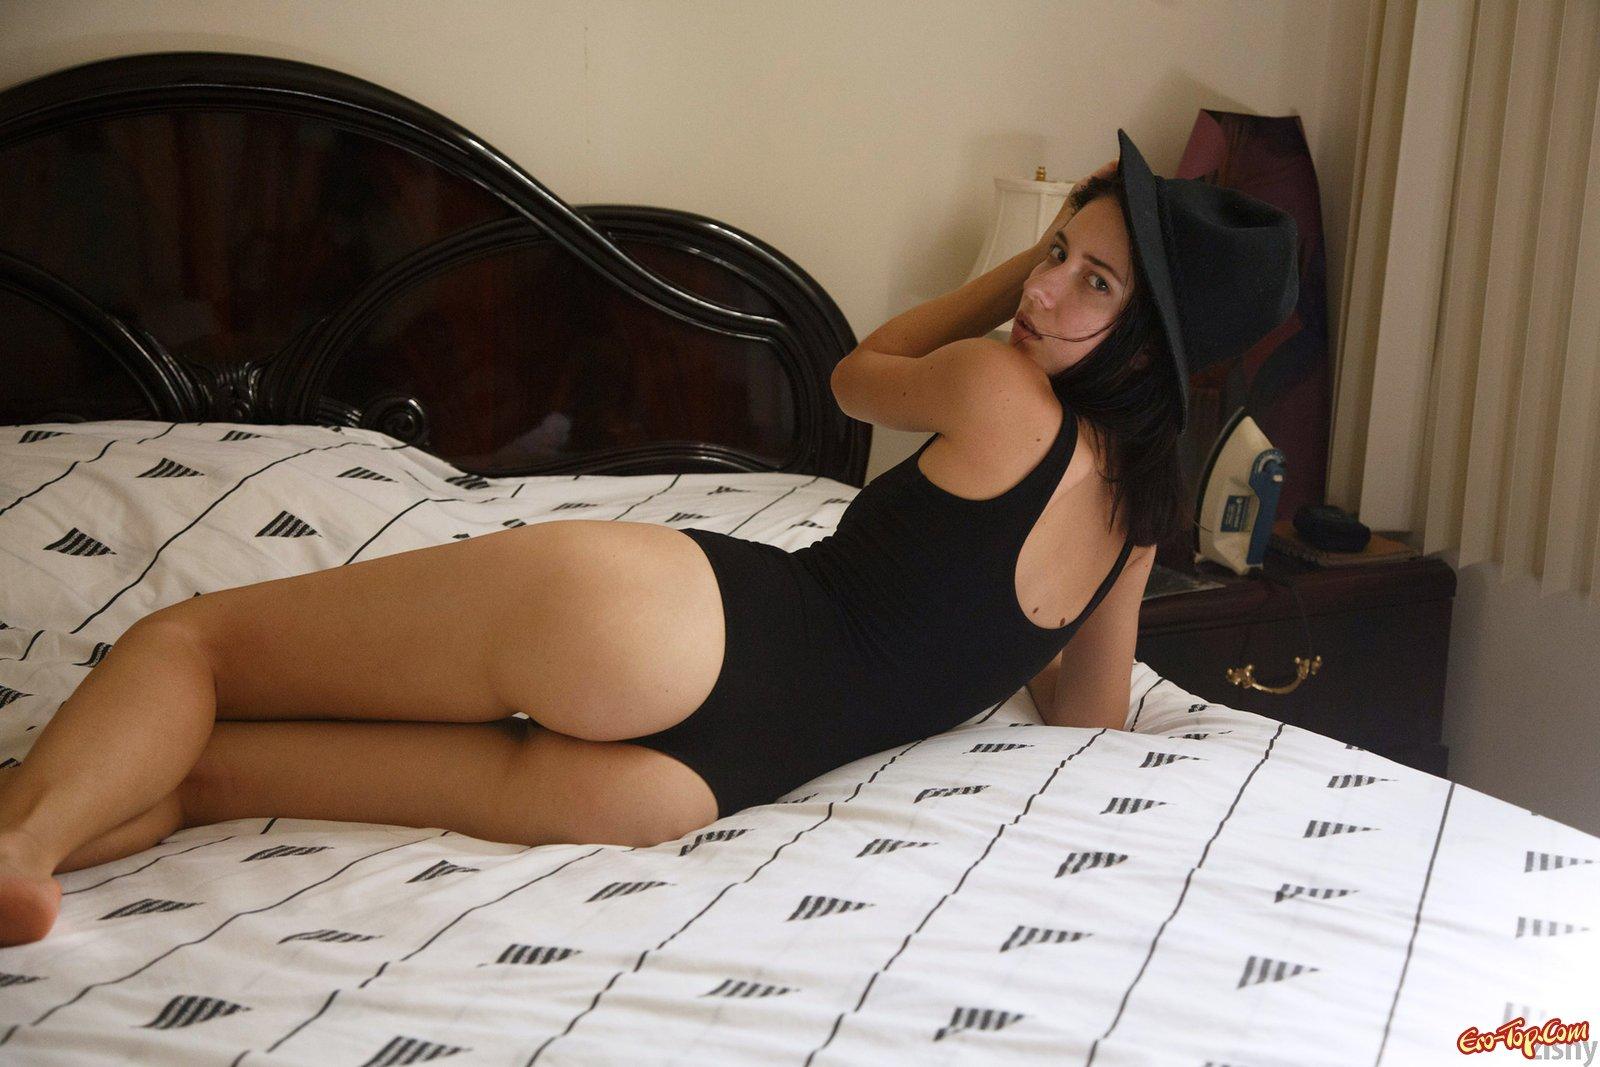 Брюнетка в черном купальнике позирует в спальне